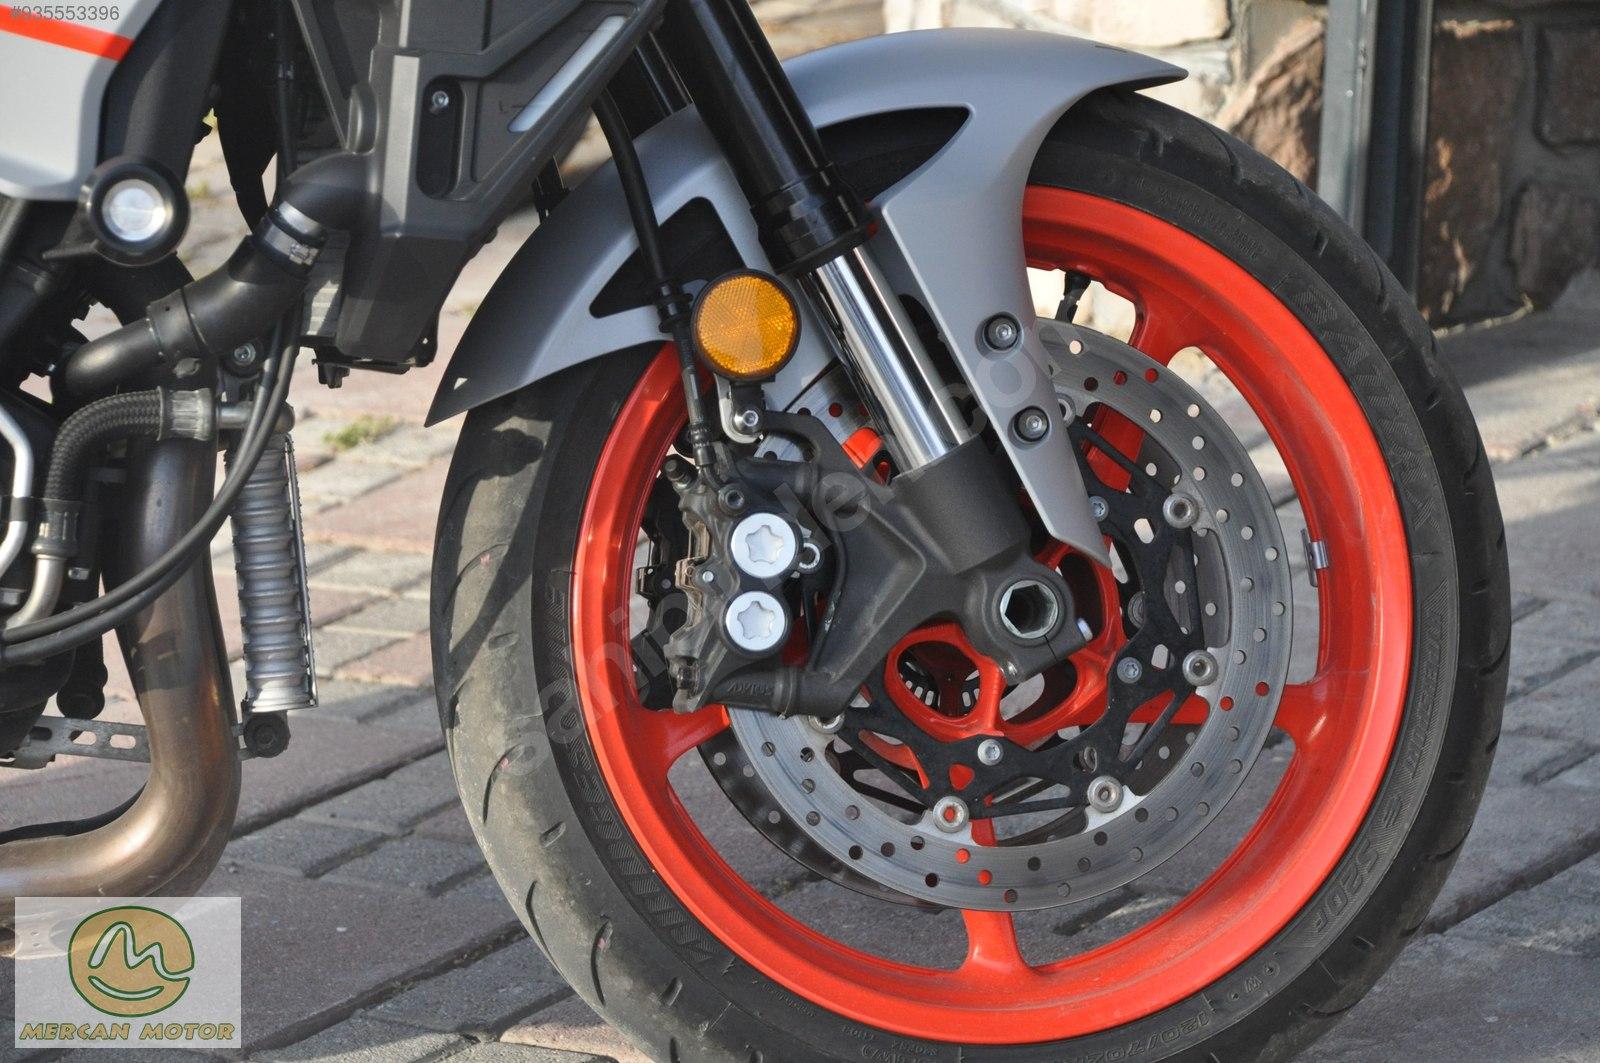 2019 Yamaha MT-09 SP Fiyat Listesi arşivleri - Yeni Model